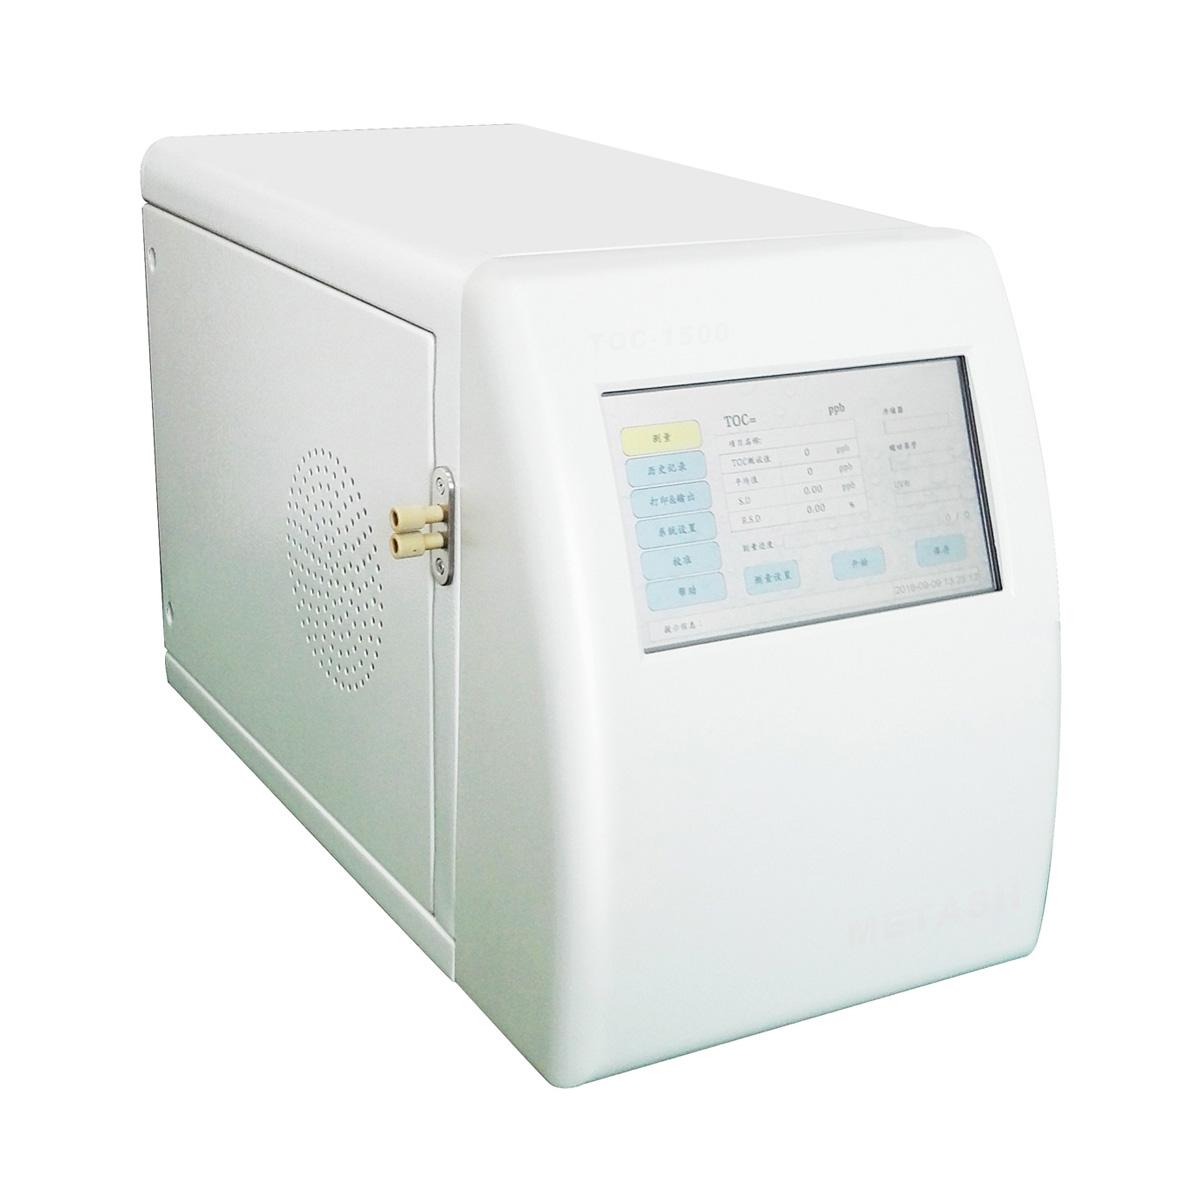 Лабораторное Оборудование Для анализатора ТОЦ клиническое для продажи